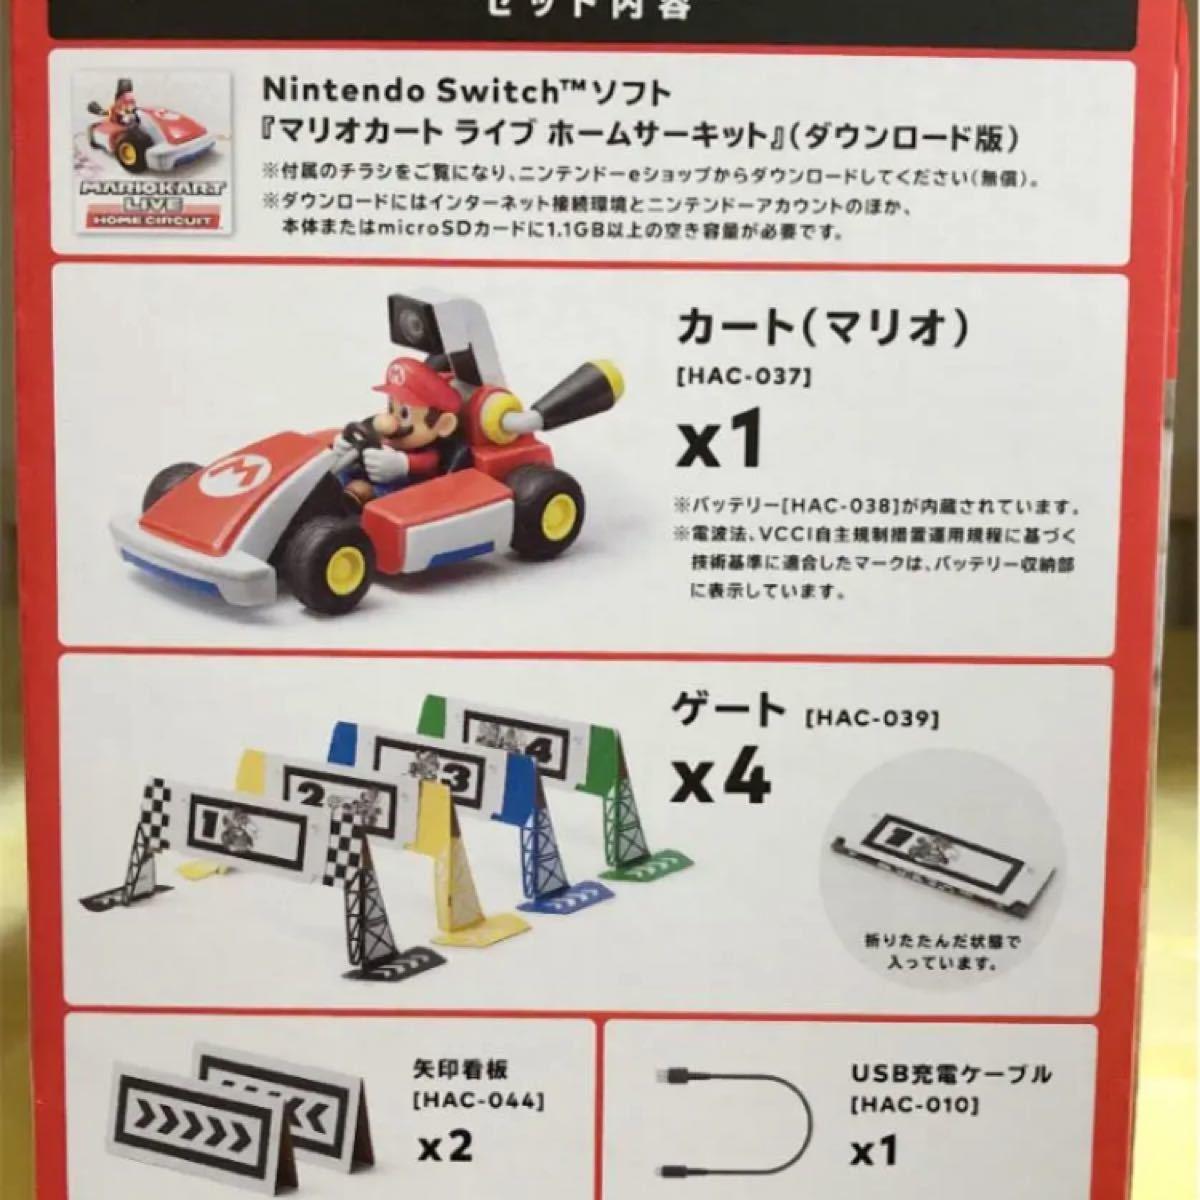 Nintendo Switch マリオカート ライブ ホームサーキット マリオセット 本体 任天堂 ニンテンドー スイッチゲーム機